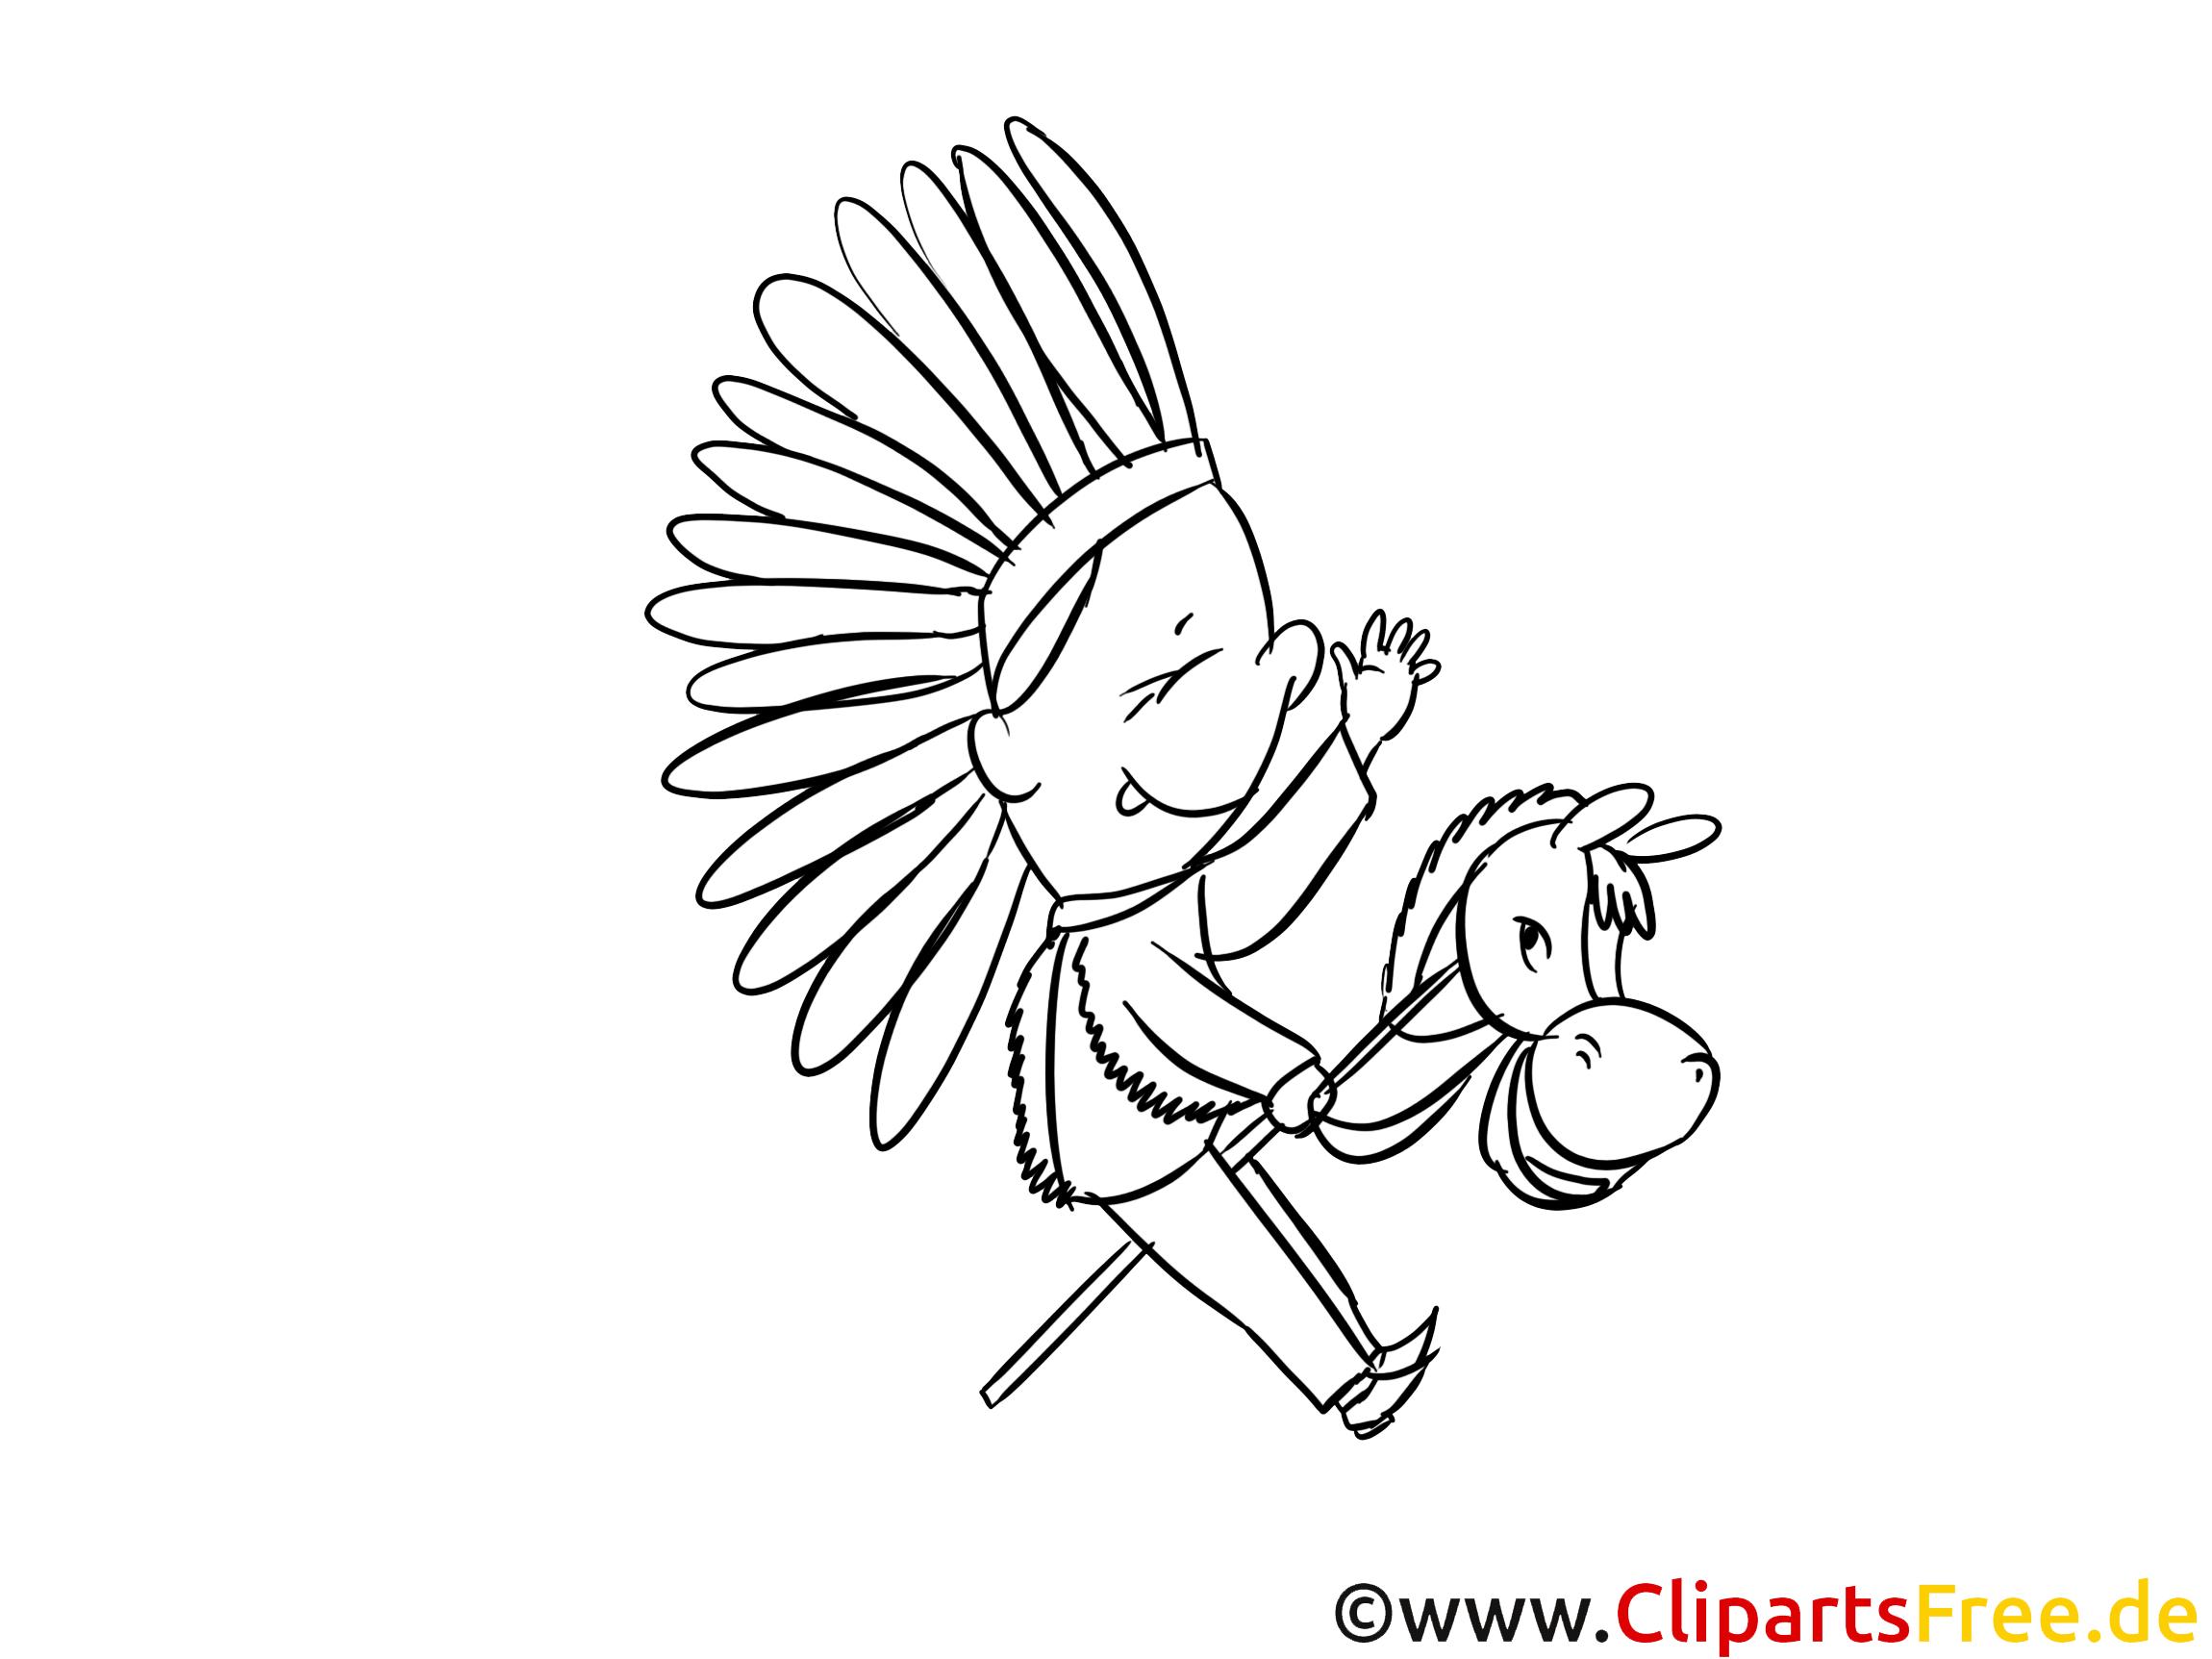 kleiner indianer bilder, malvorlagen, grafiken zum drucken